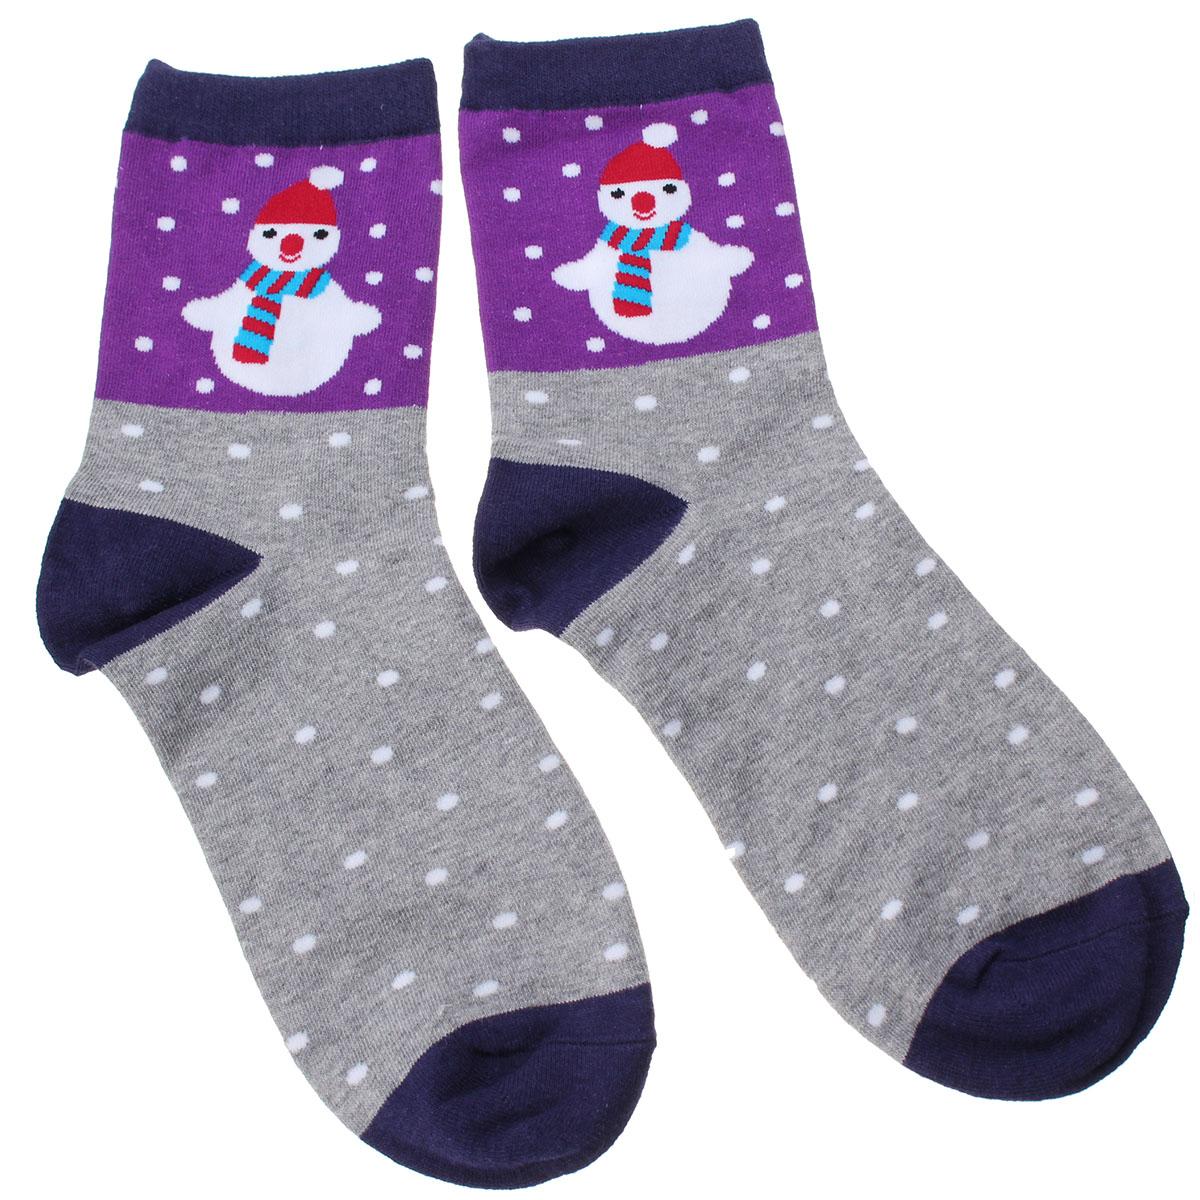 O presente de Natal de algodão de menina de mulheres homem de neve de santa salpica a malharia de coleção de caricatura de meias de tornozelo